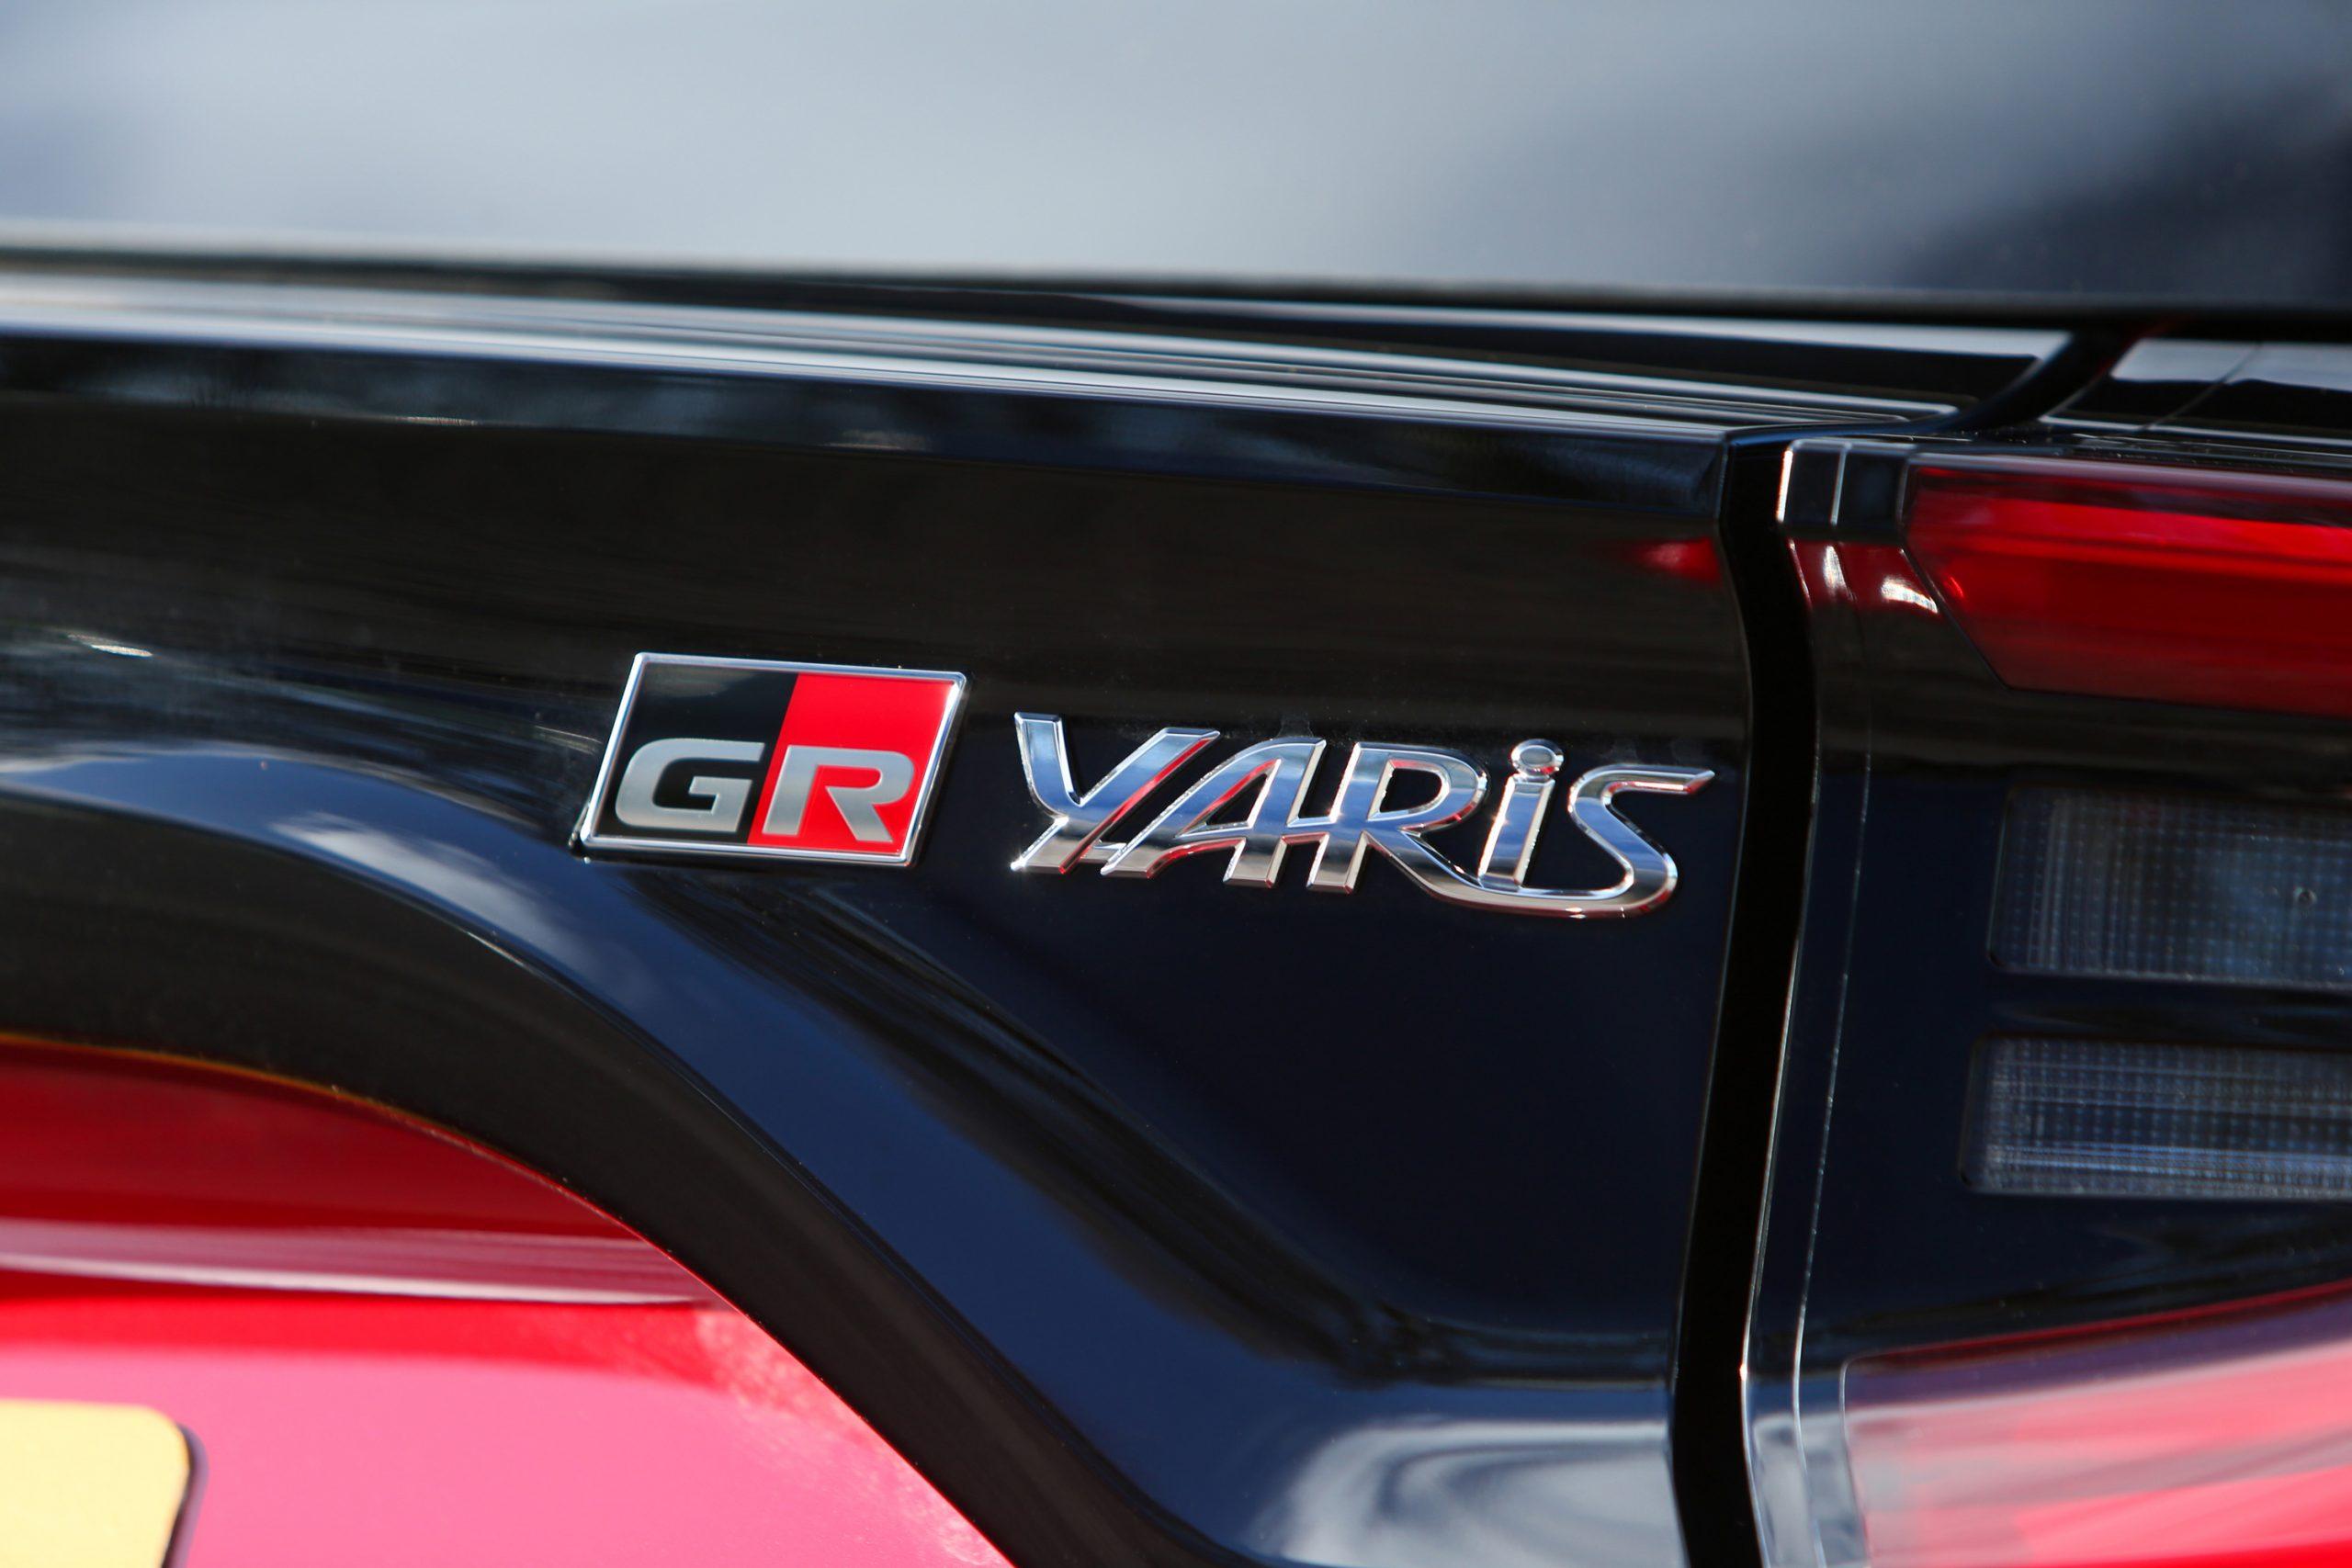 GR Toyota Yaris badging detail